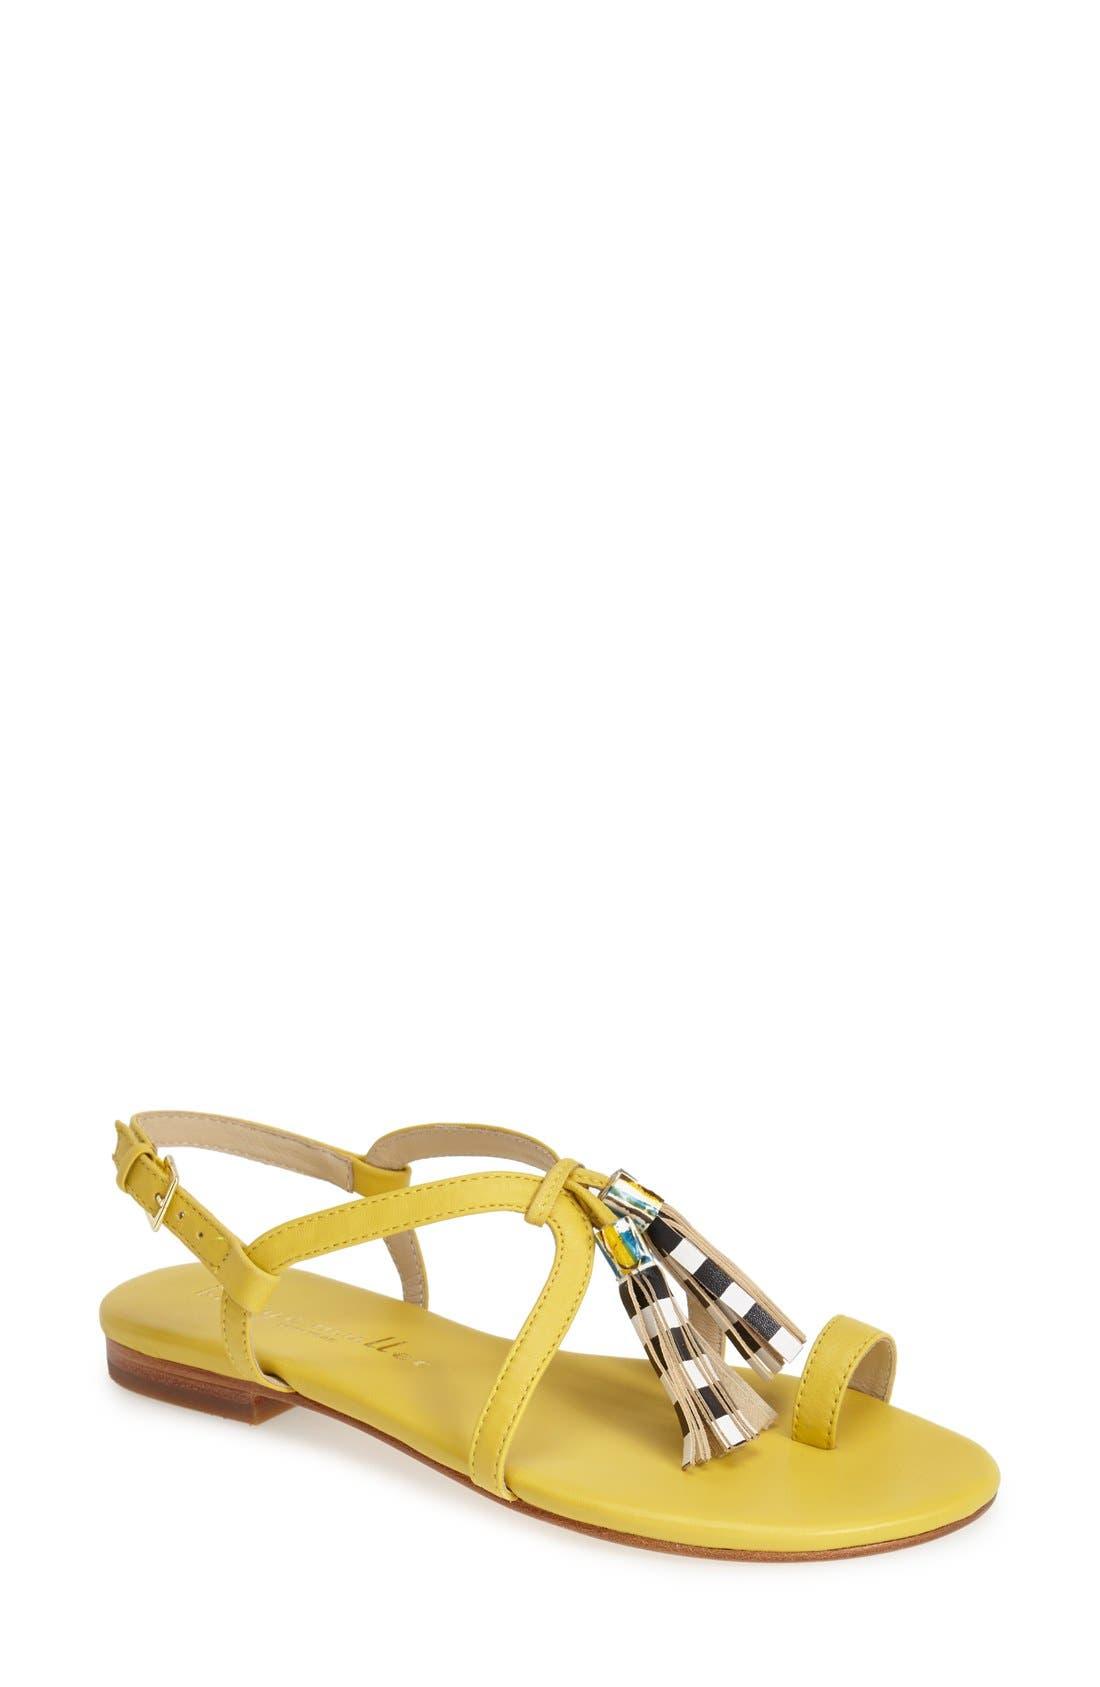 Alternate Image 1 Selected - Bettye Muller 'Sasha' Leather Tassel Sandal (Women)